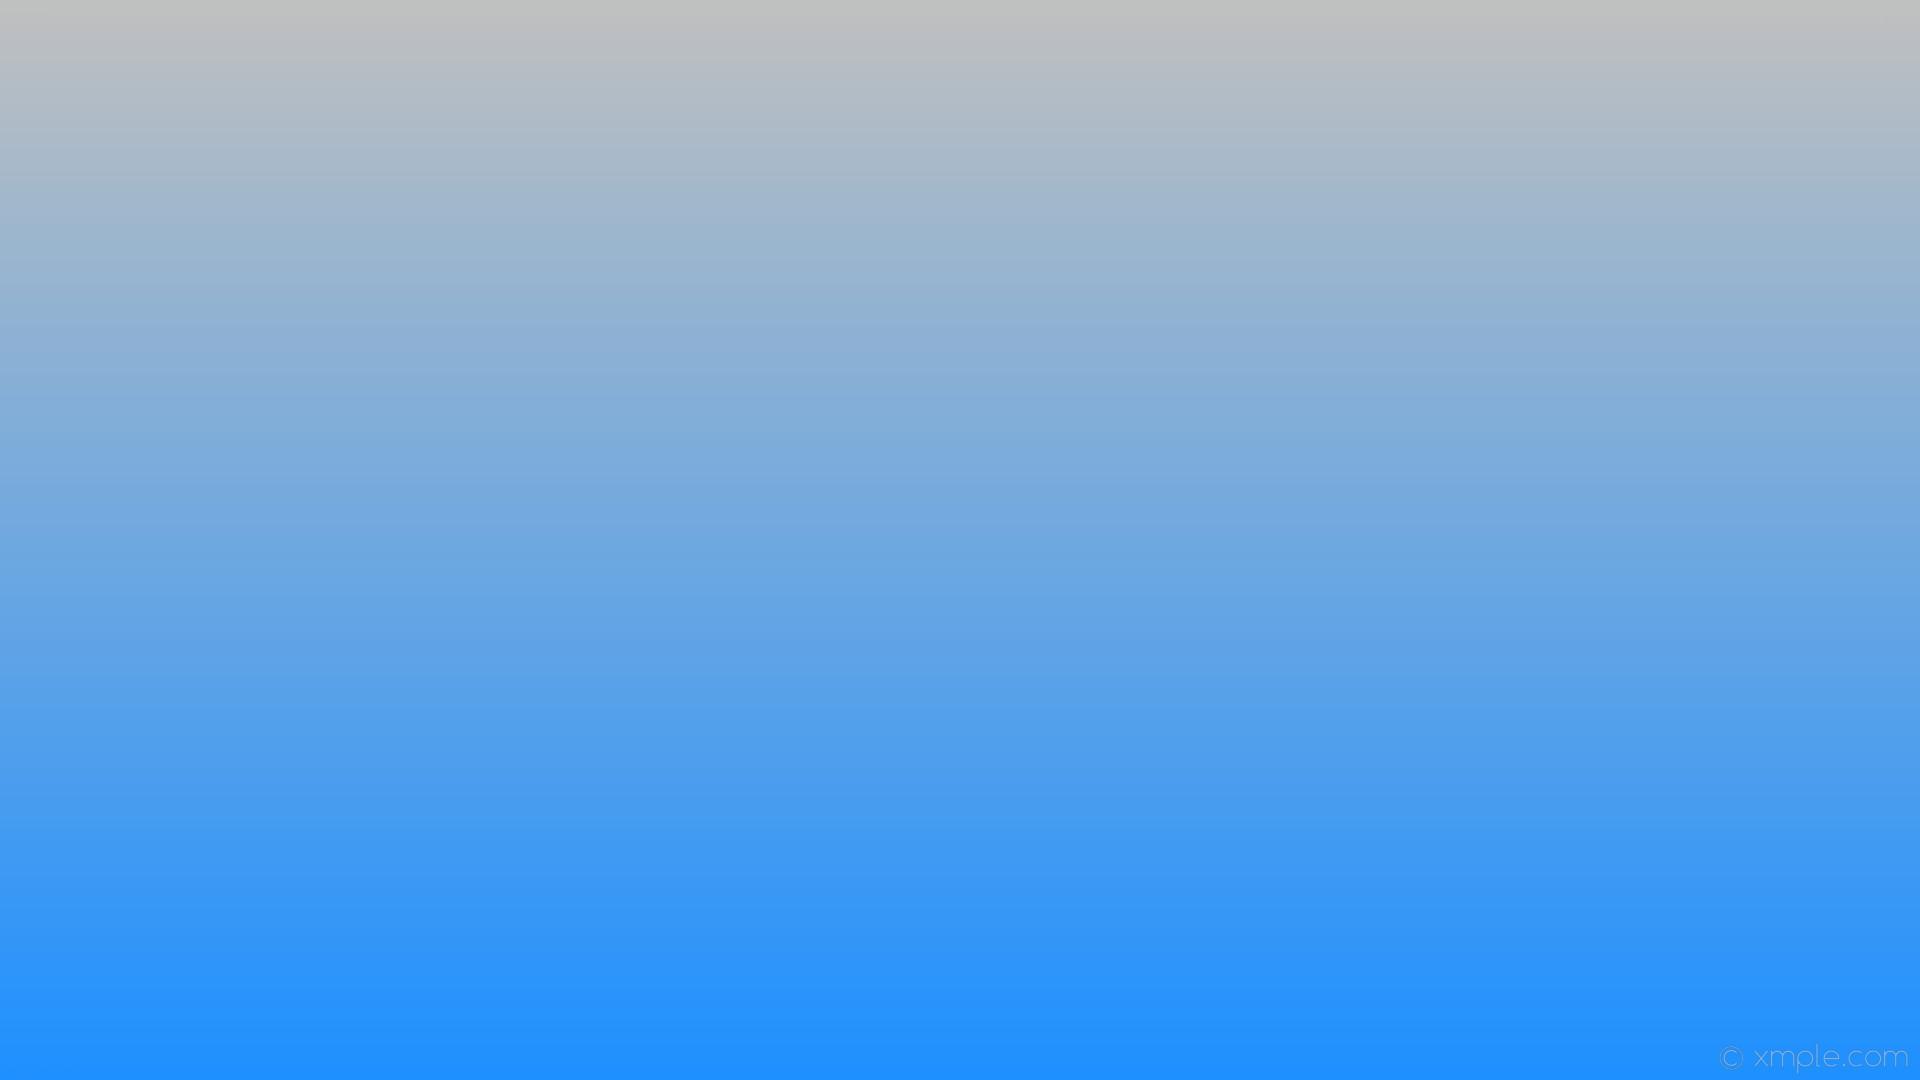 wallpaper gradient blue linear grey silver dodger blue #c0c0c0 #1e90ff 90°